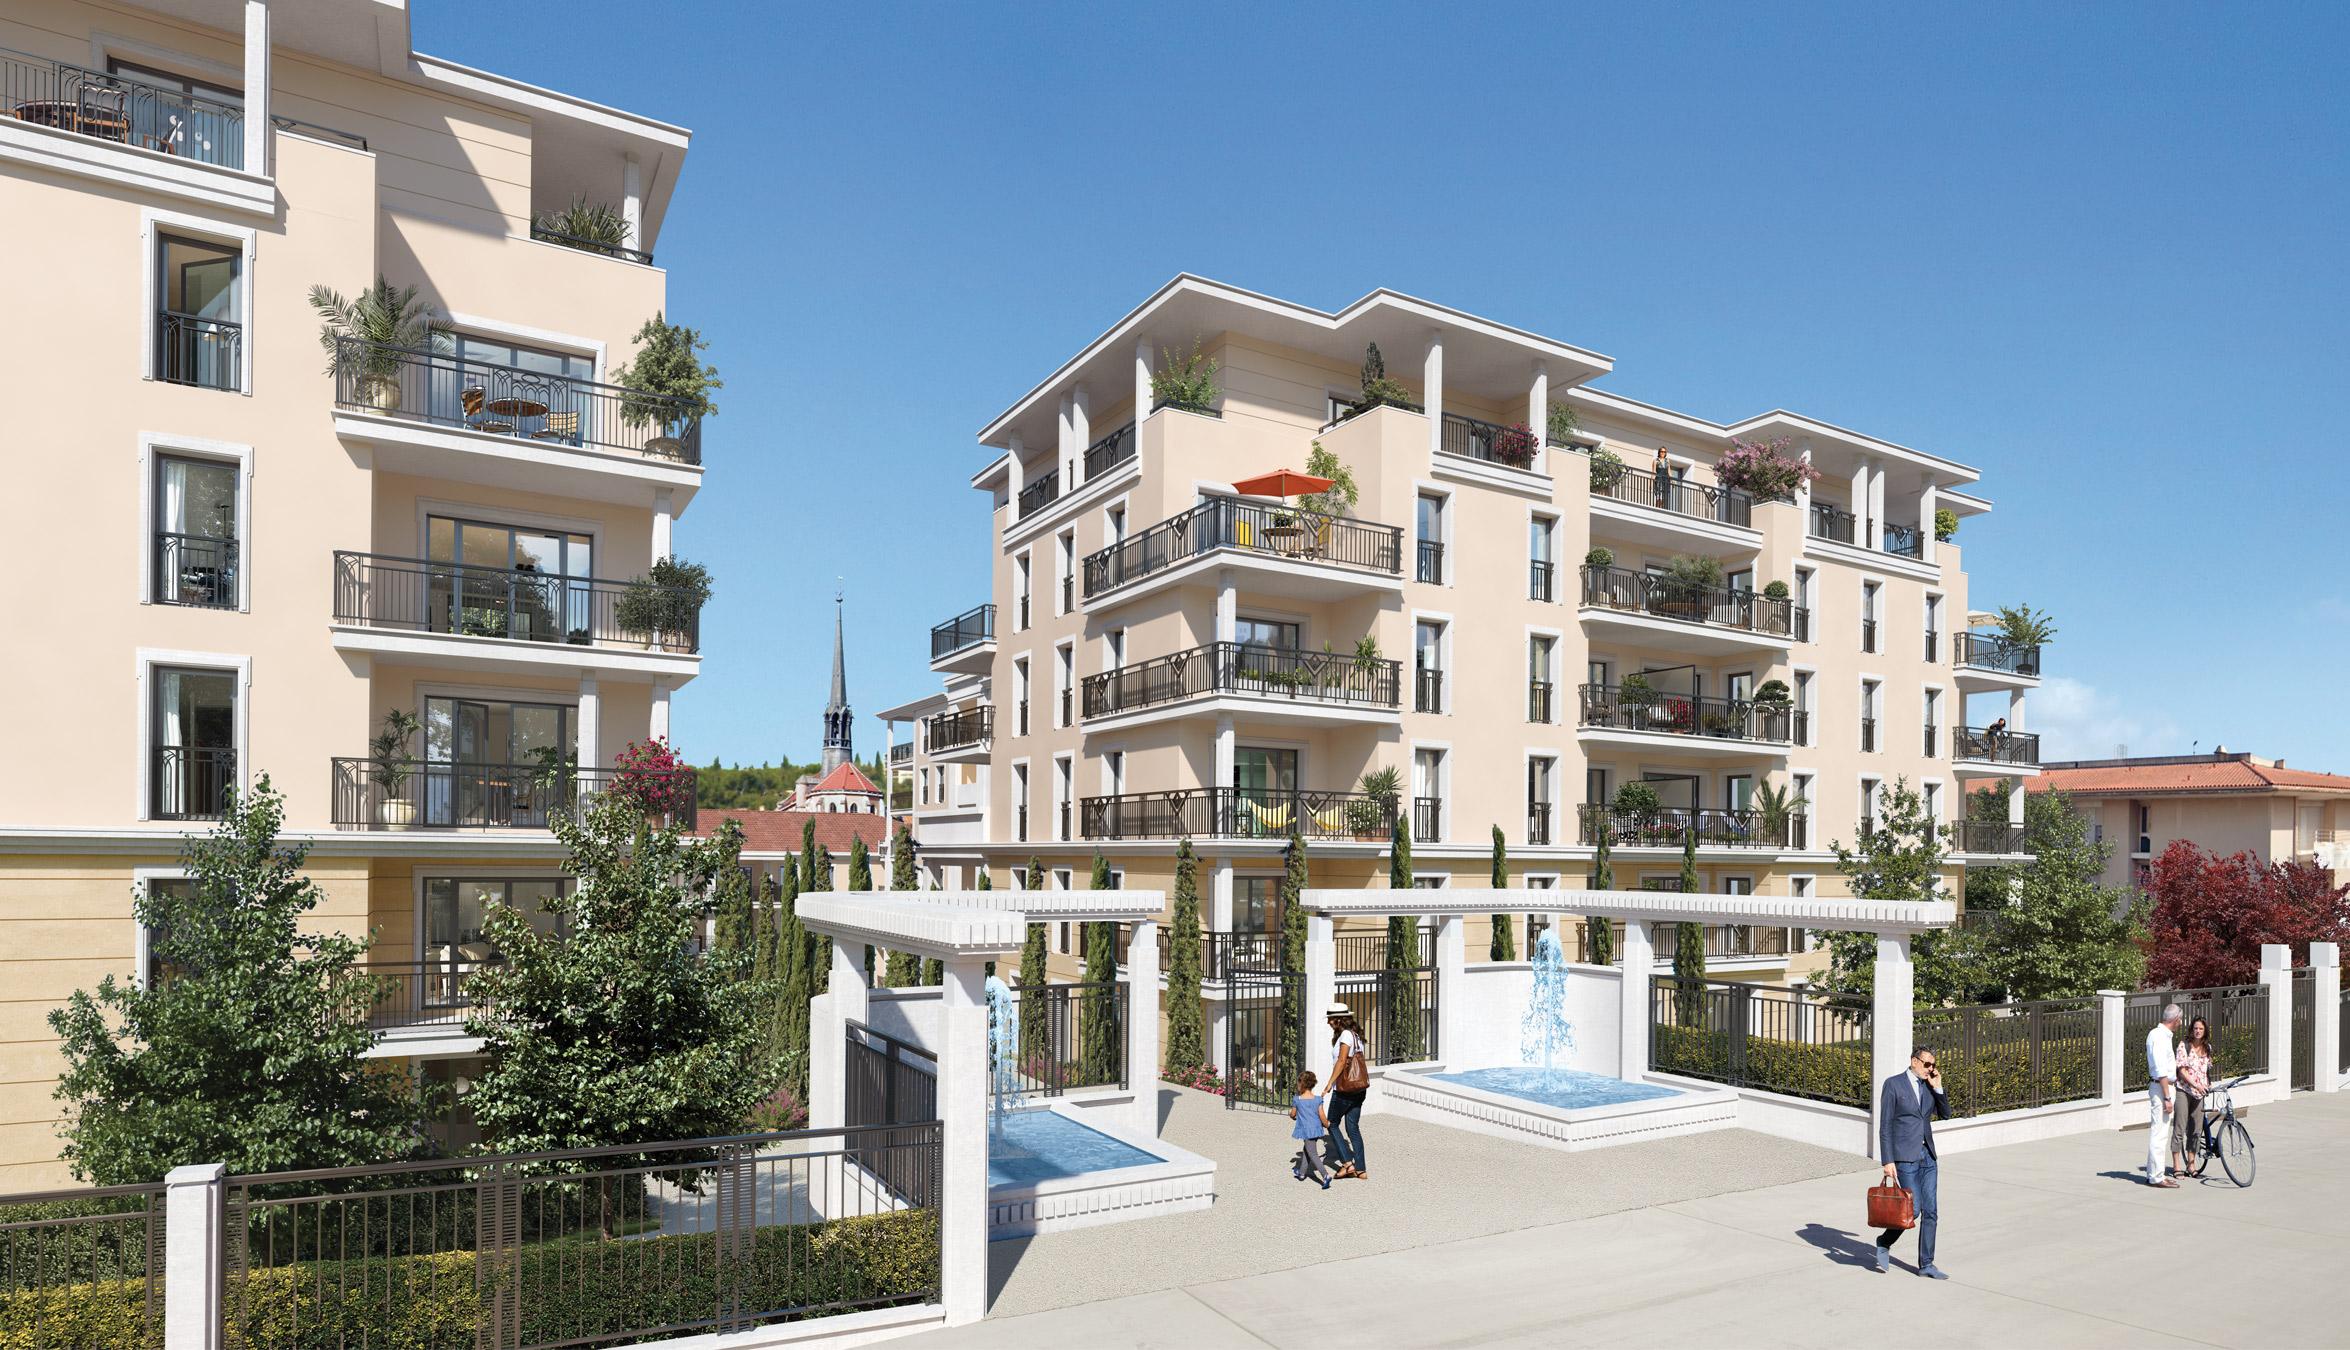 Programme immobilier ALT106 appartement à Aix-En-Provence (13100) À deux pas du parc Rambot